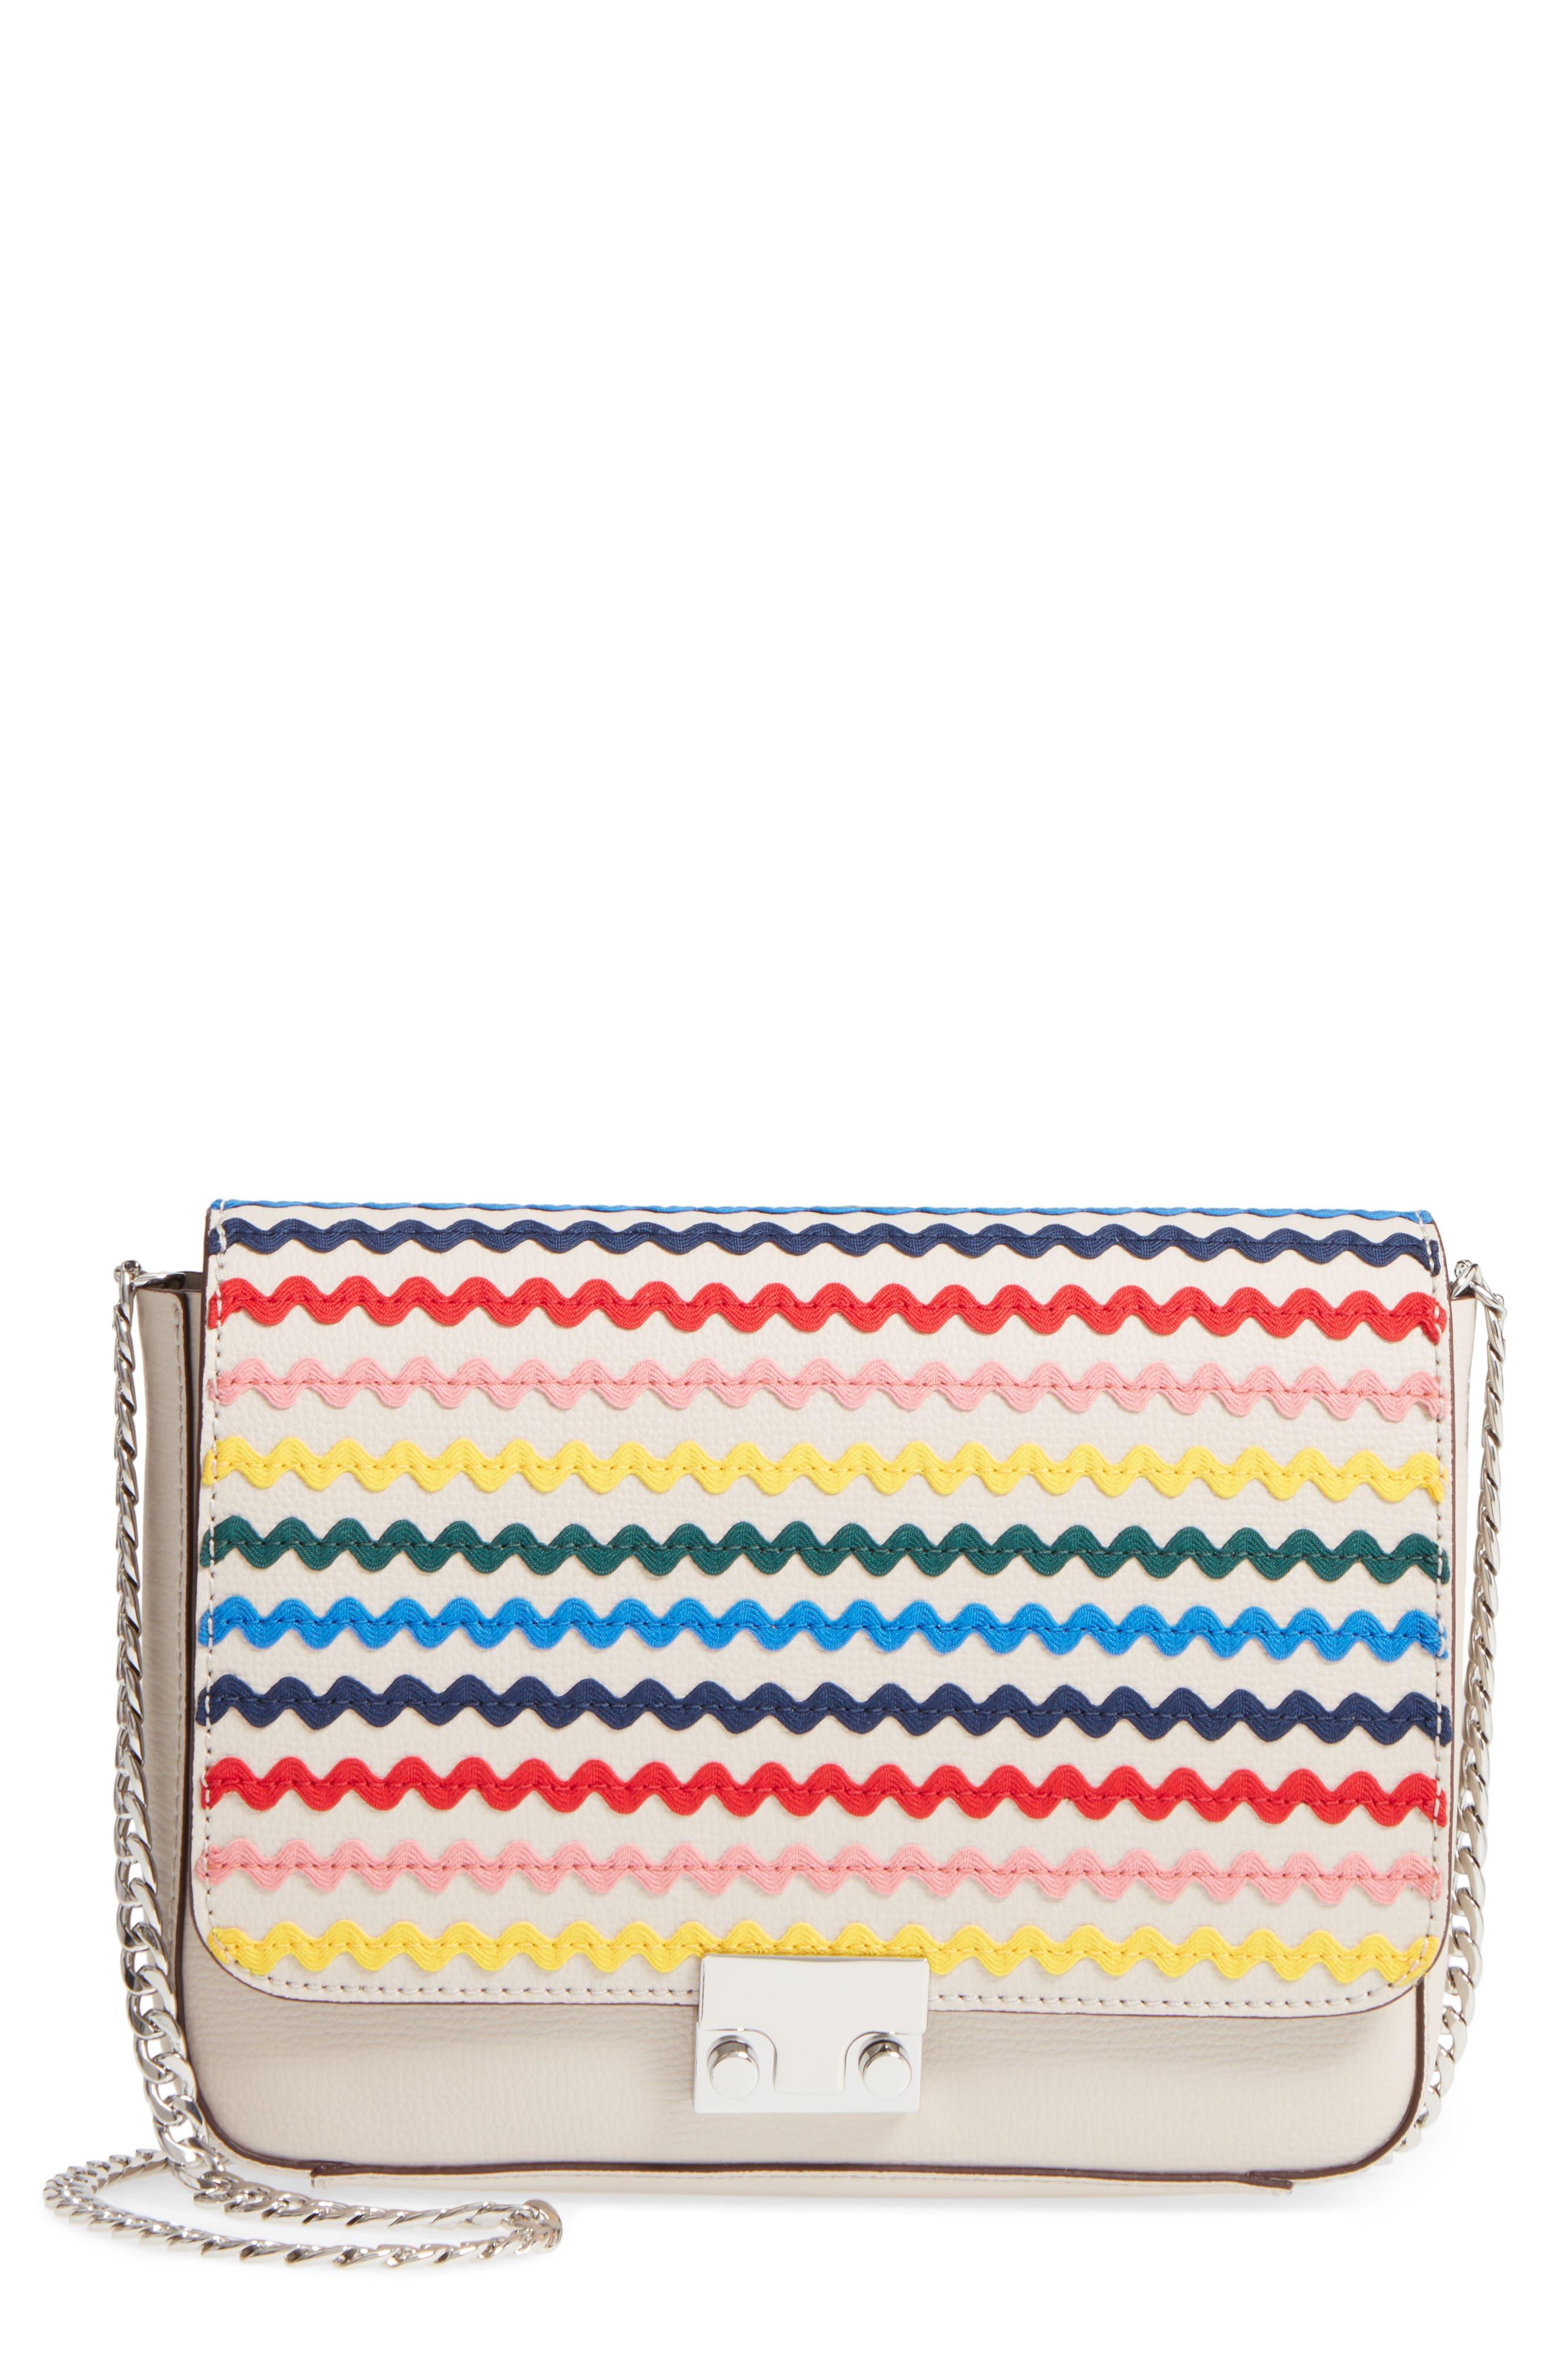 Lock Leather Flap Clutch/Shoulder Bag,                             Main thumbnail 1, color,                             030